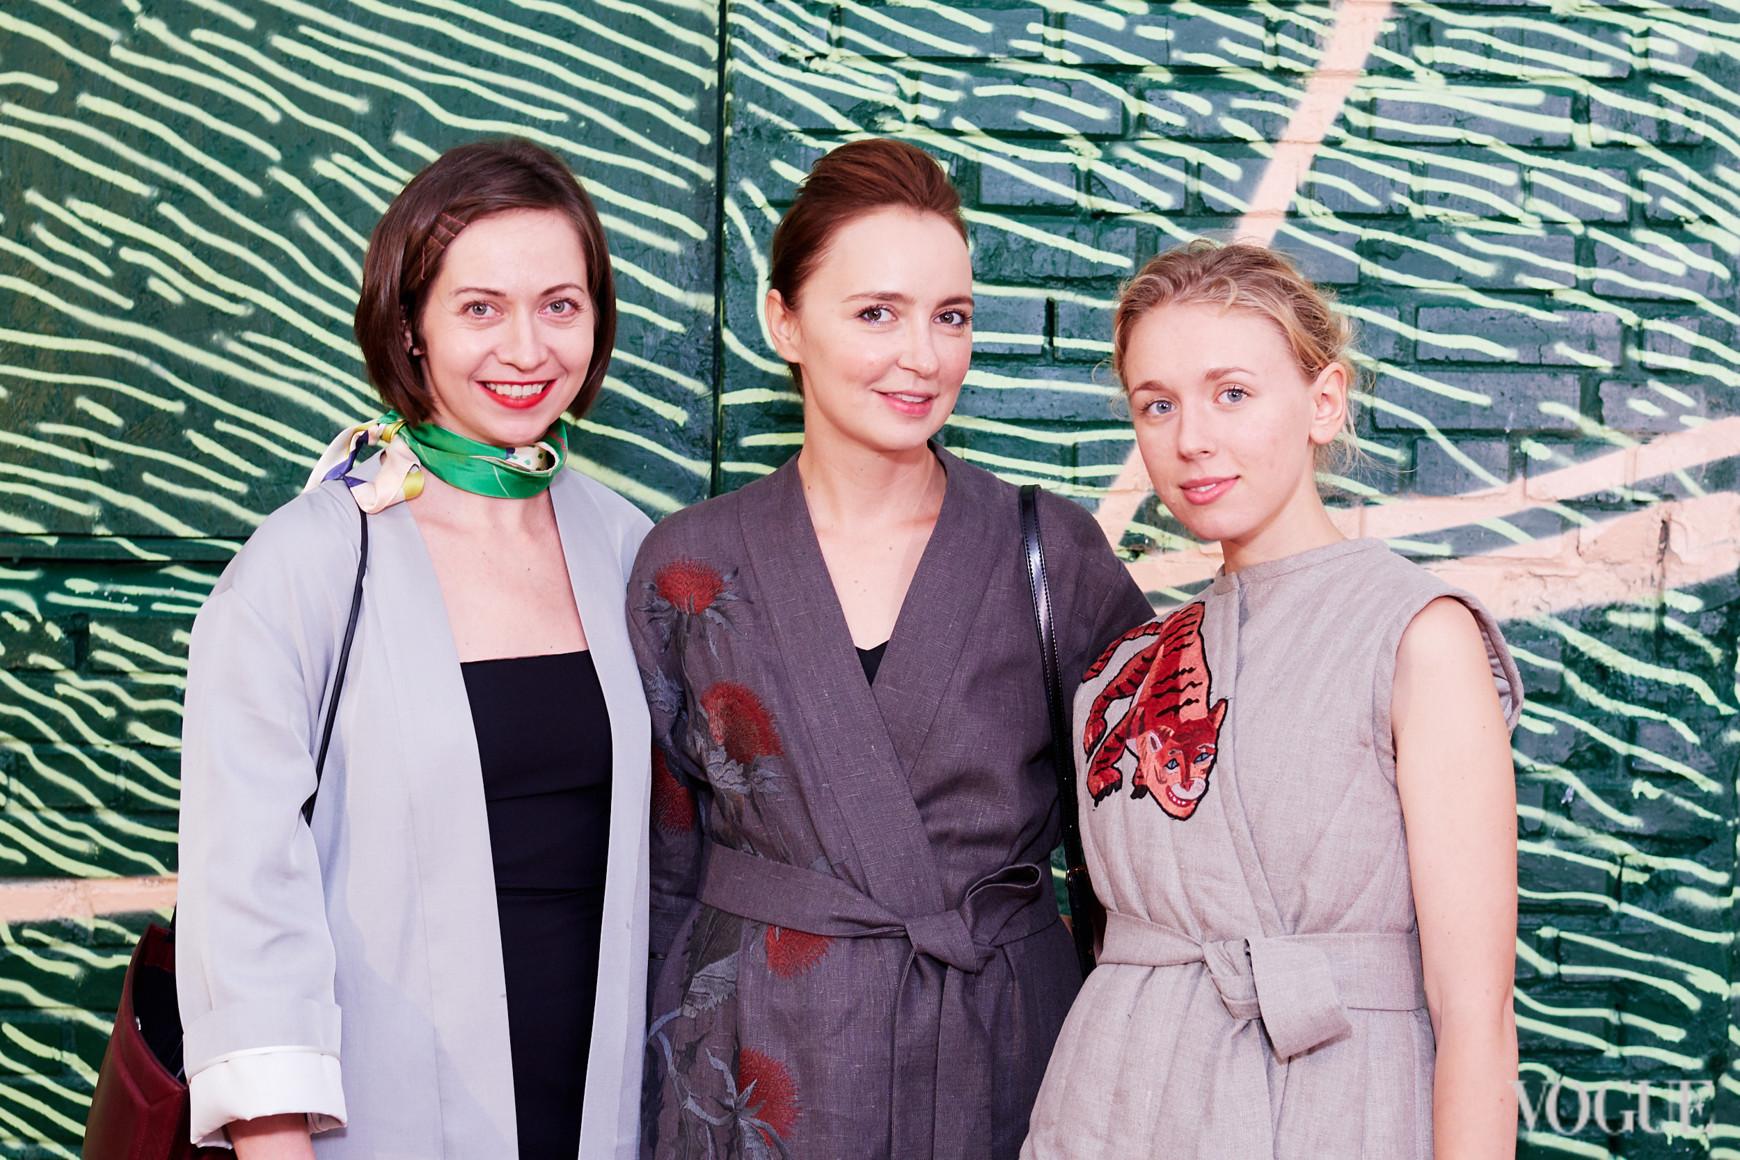 Олеся Кононова, Анастасия Рябоконь и Мария Гаврилюк